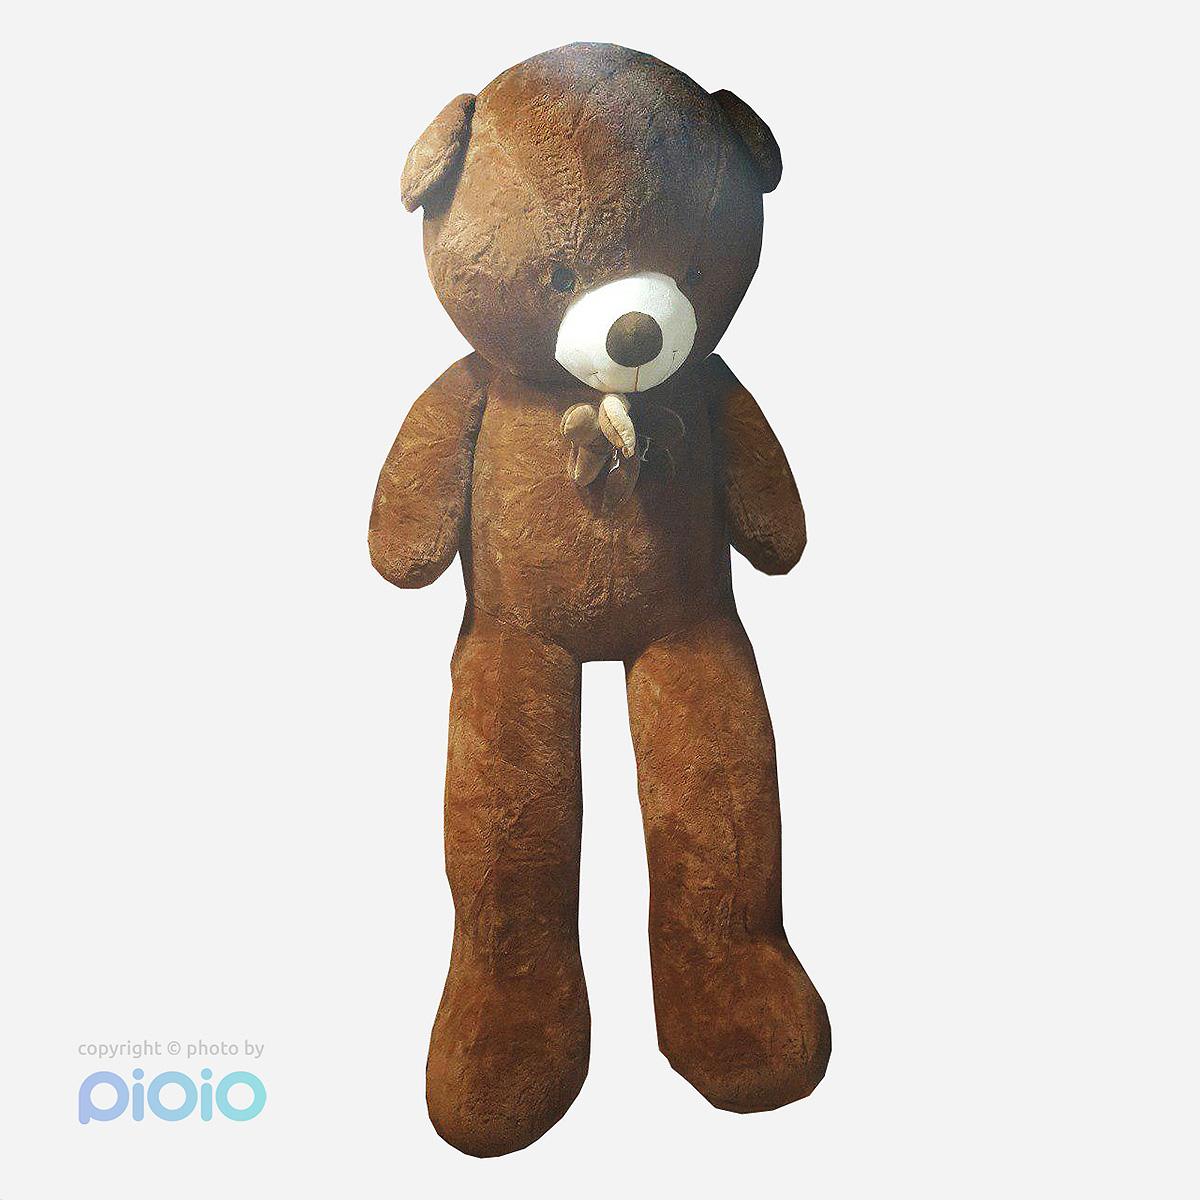 عروسک تدی خرس قهوه ای بزرگ ارتفاع ۲۰۰ سانتی متر |